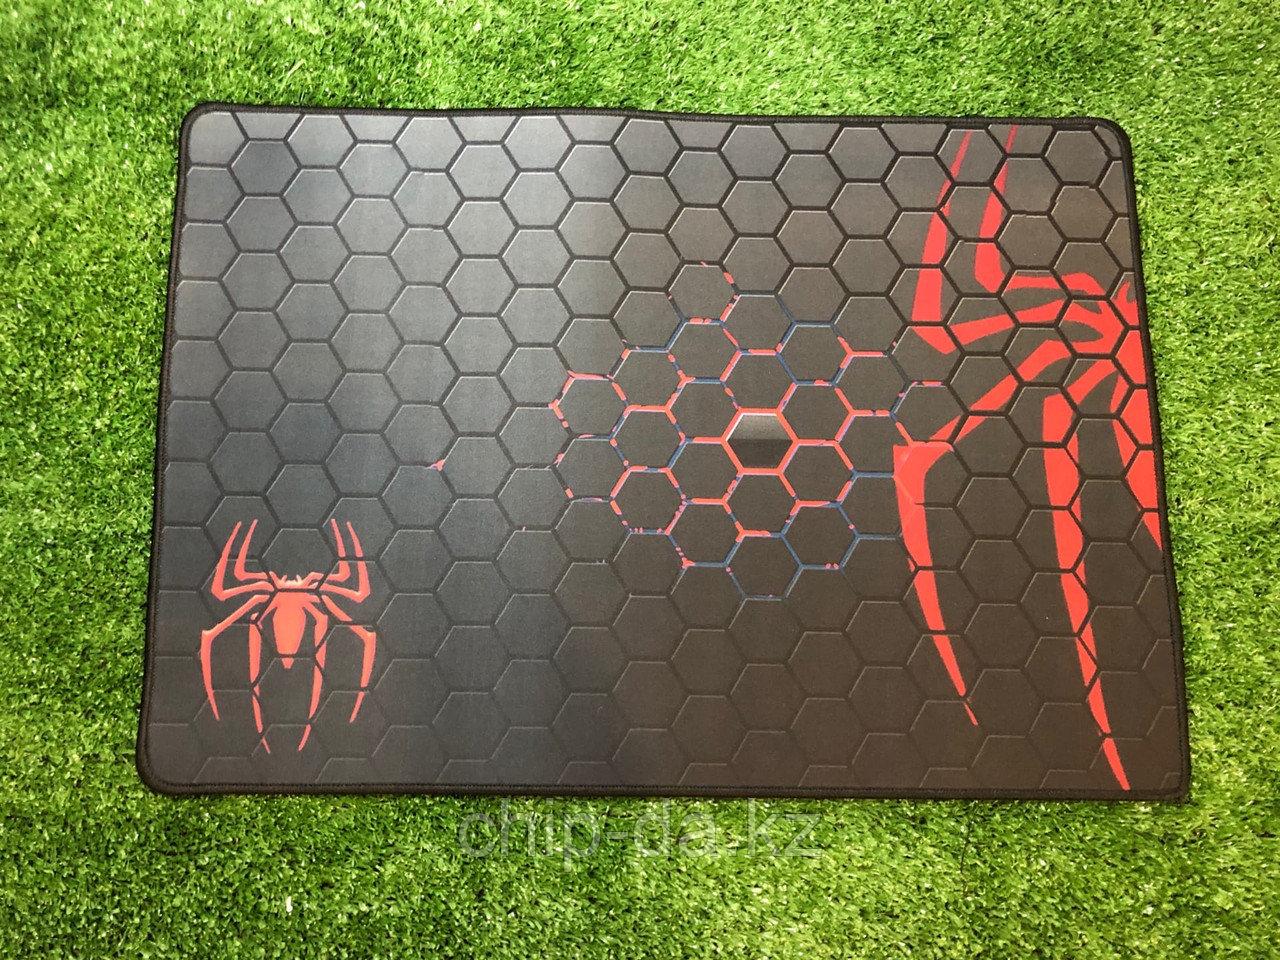 Коврик игровой SPIDER